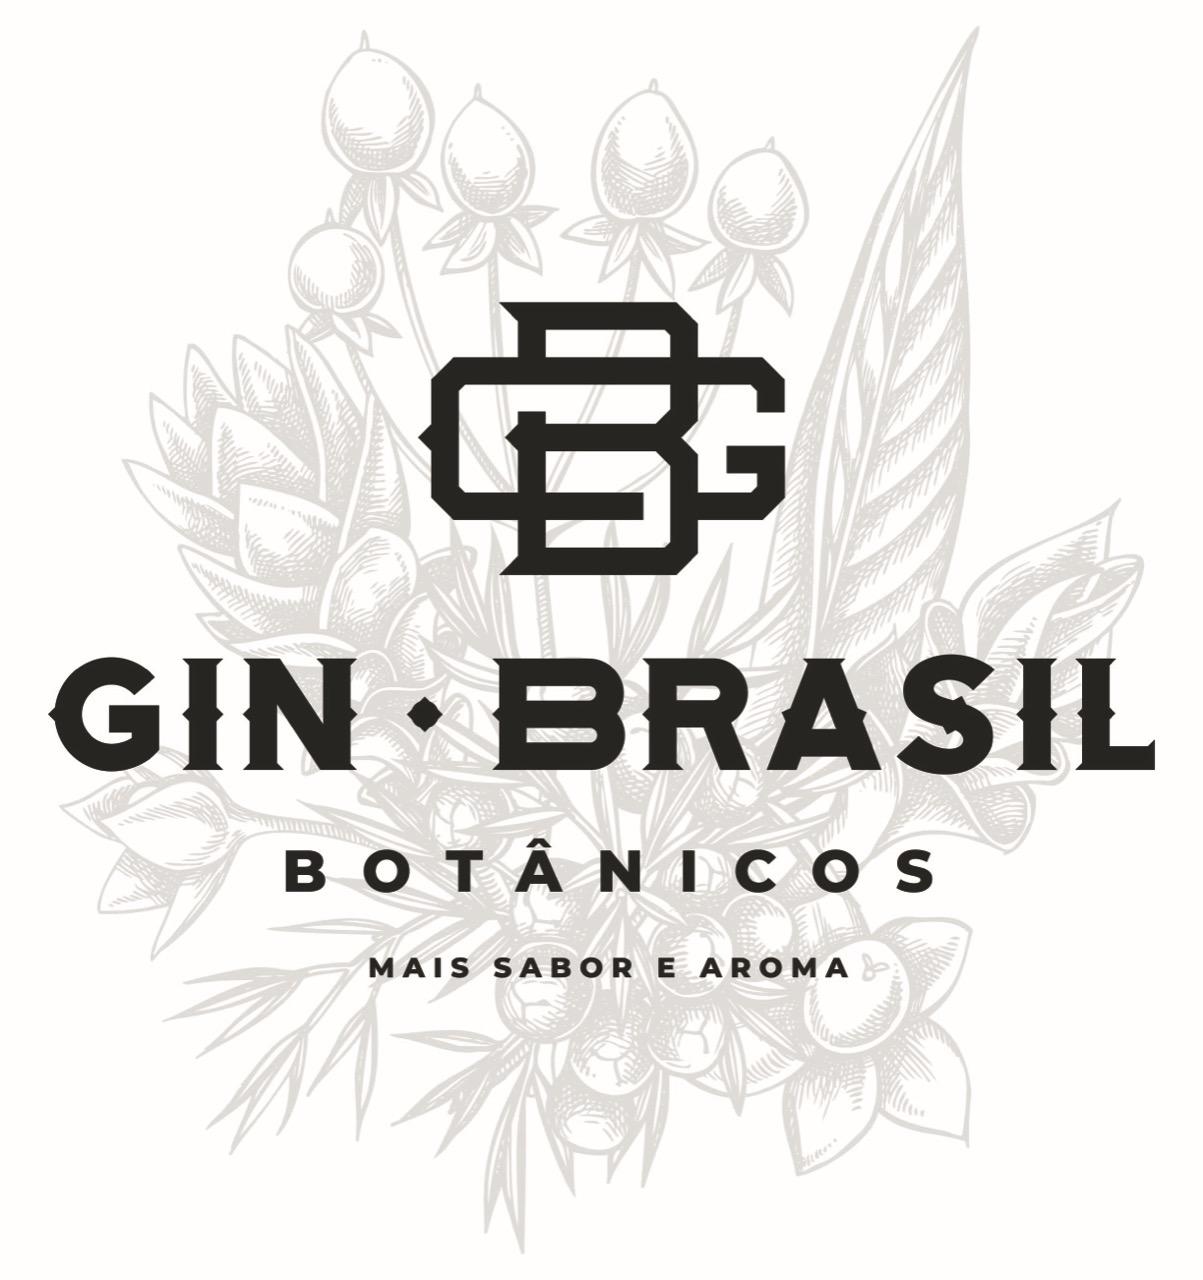 Gin Brasil